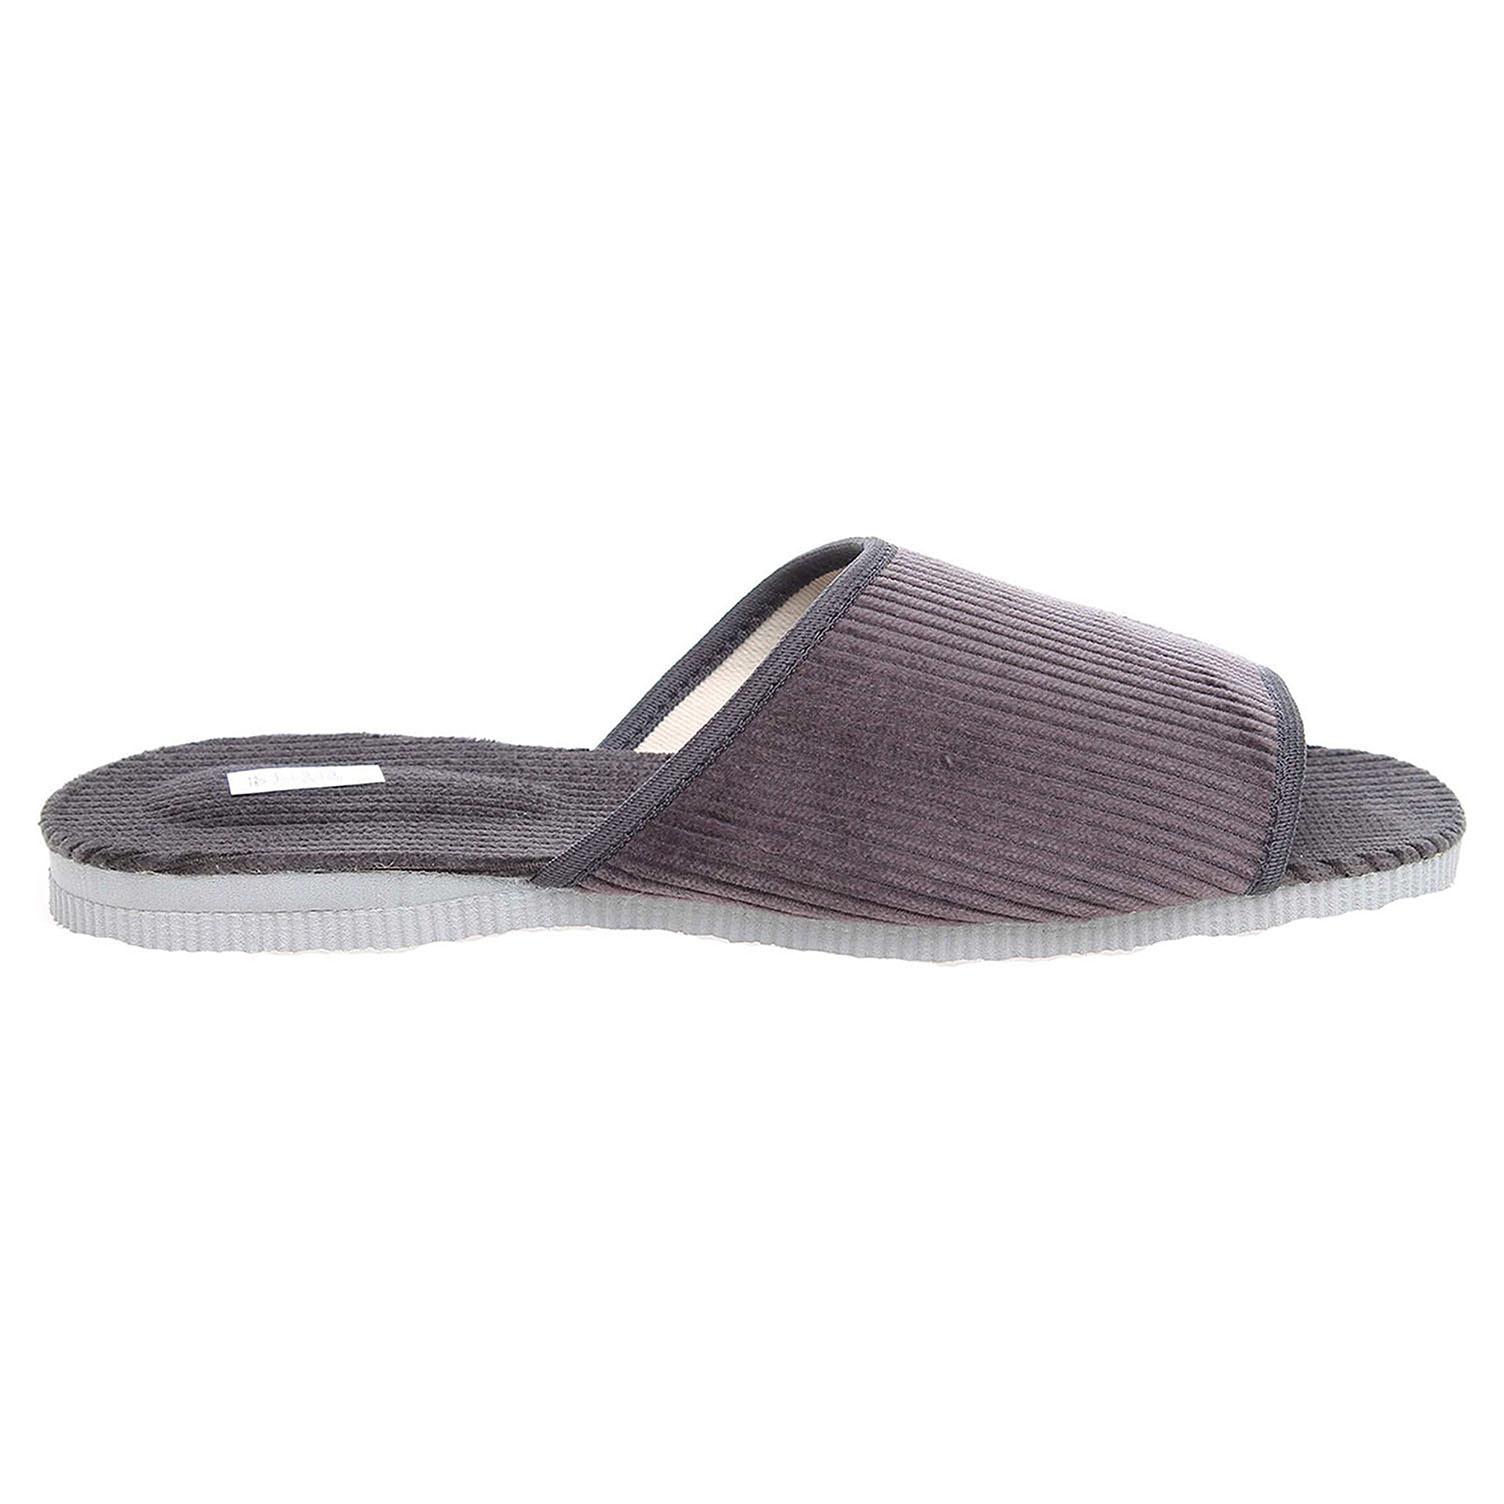 Ecco Pánské domácí pantofle 3009.00 šedé 24800247